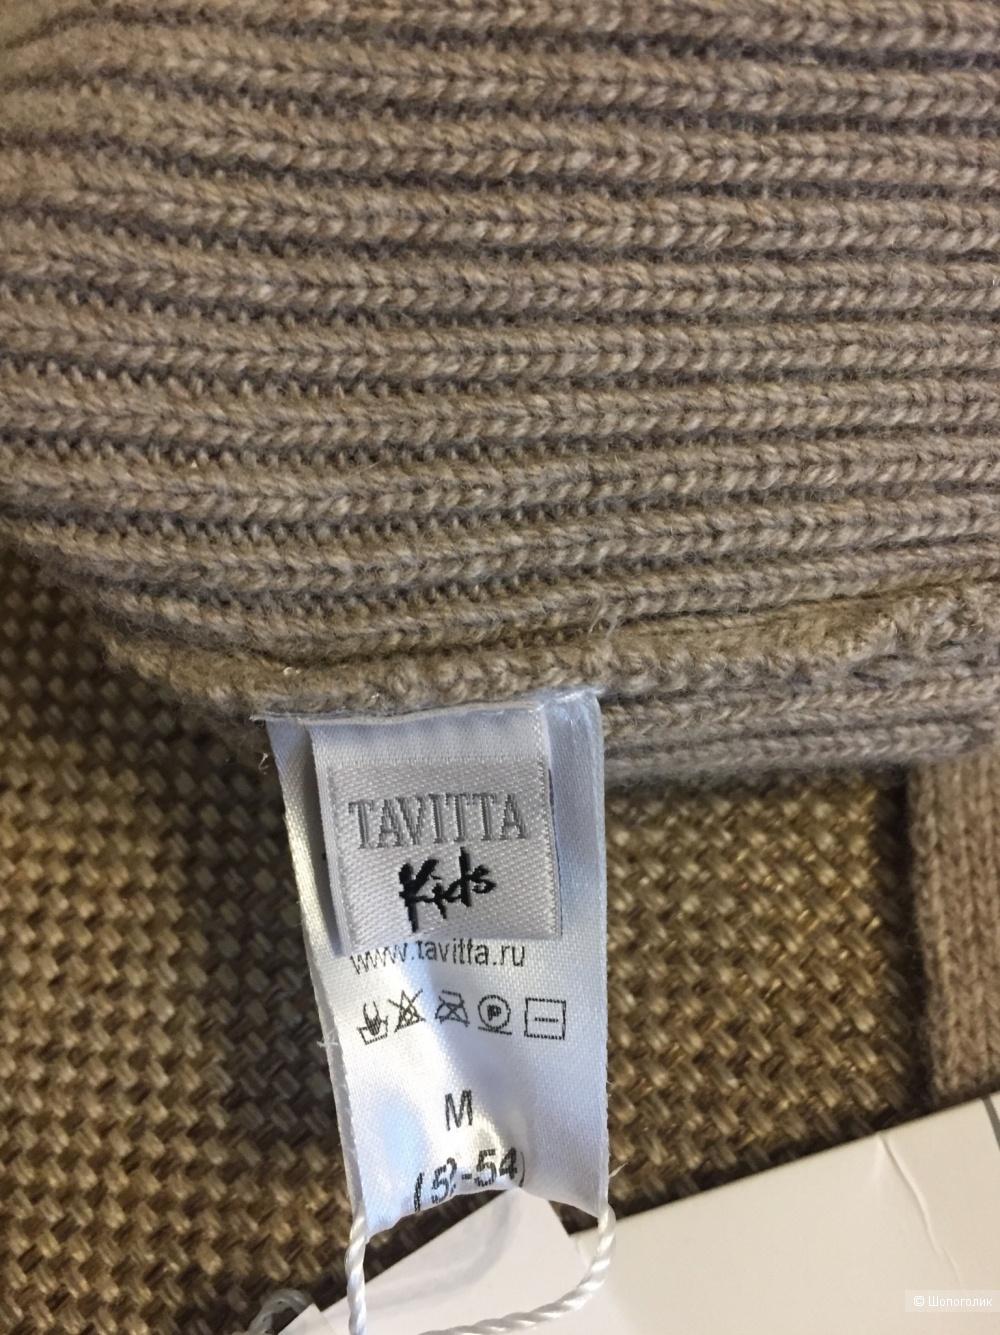 Шапка Tavitta 52-54 размер